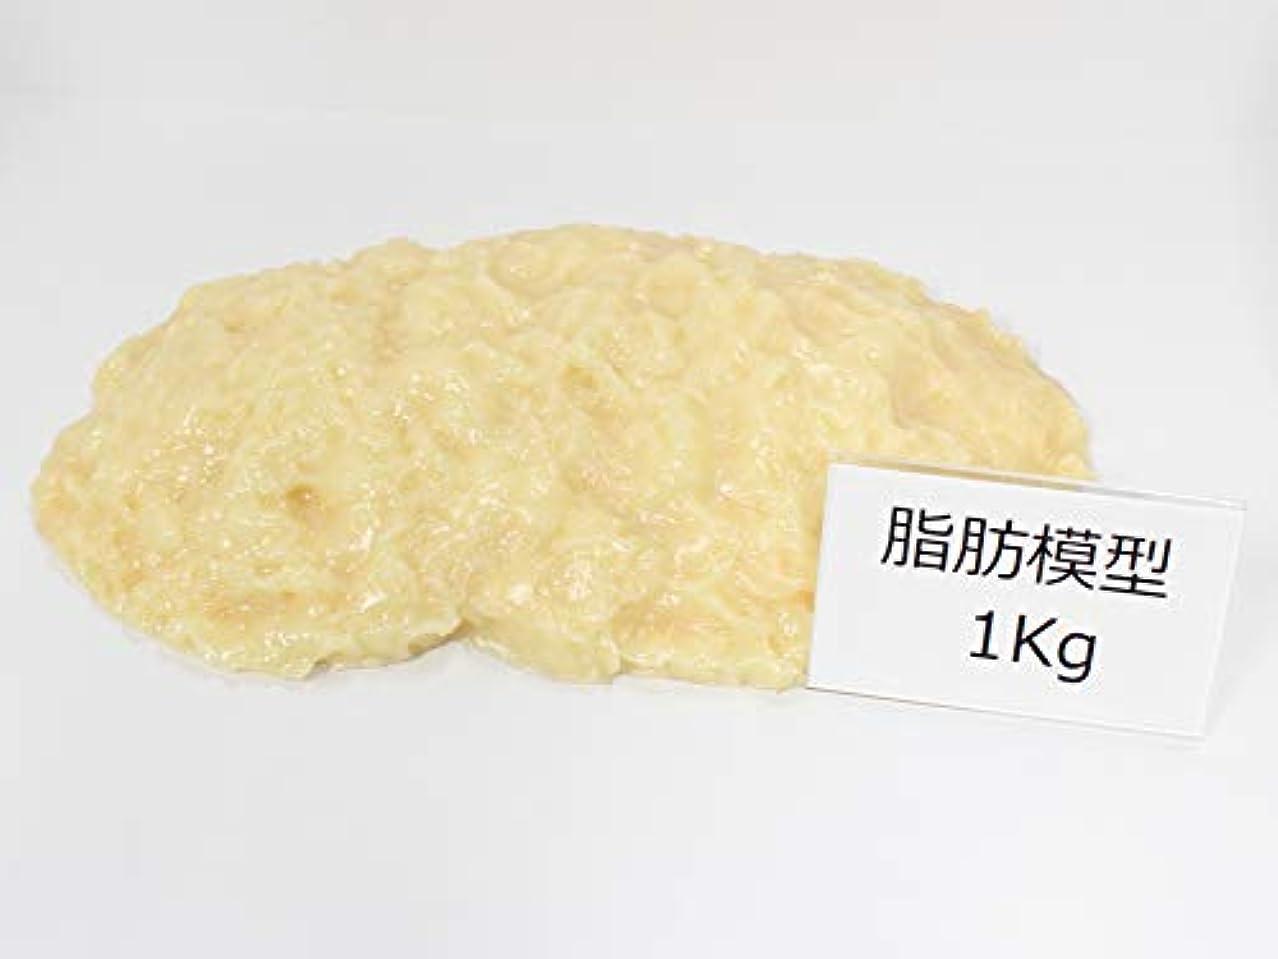 気体のそれによってちょっと待って脂肪サンプル 脂肪模型 食品サンプル 実物重量 ダイエット トレーニング フードモデル (1kg)